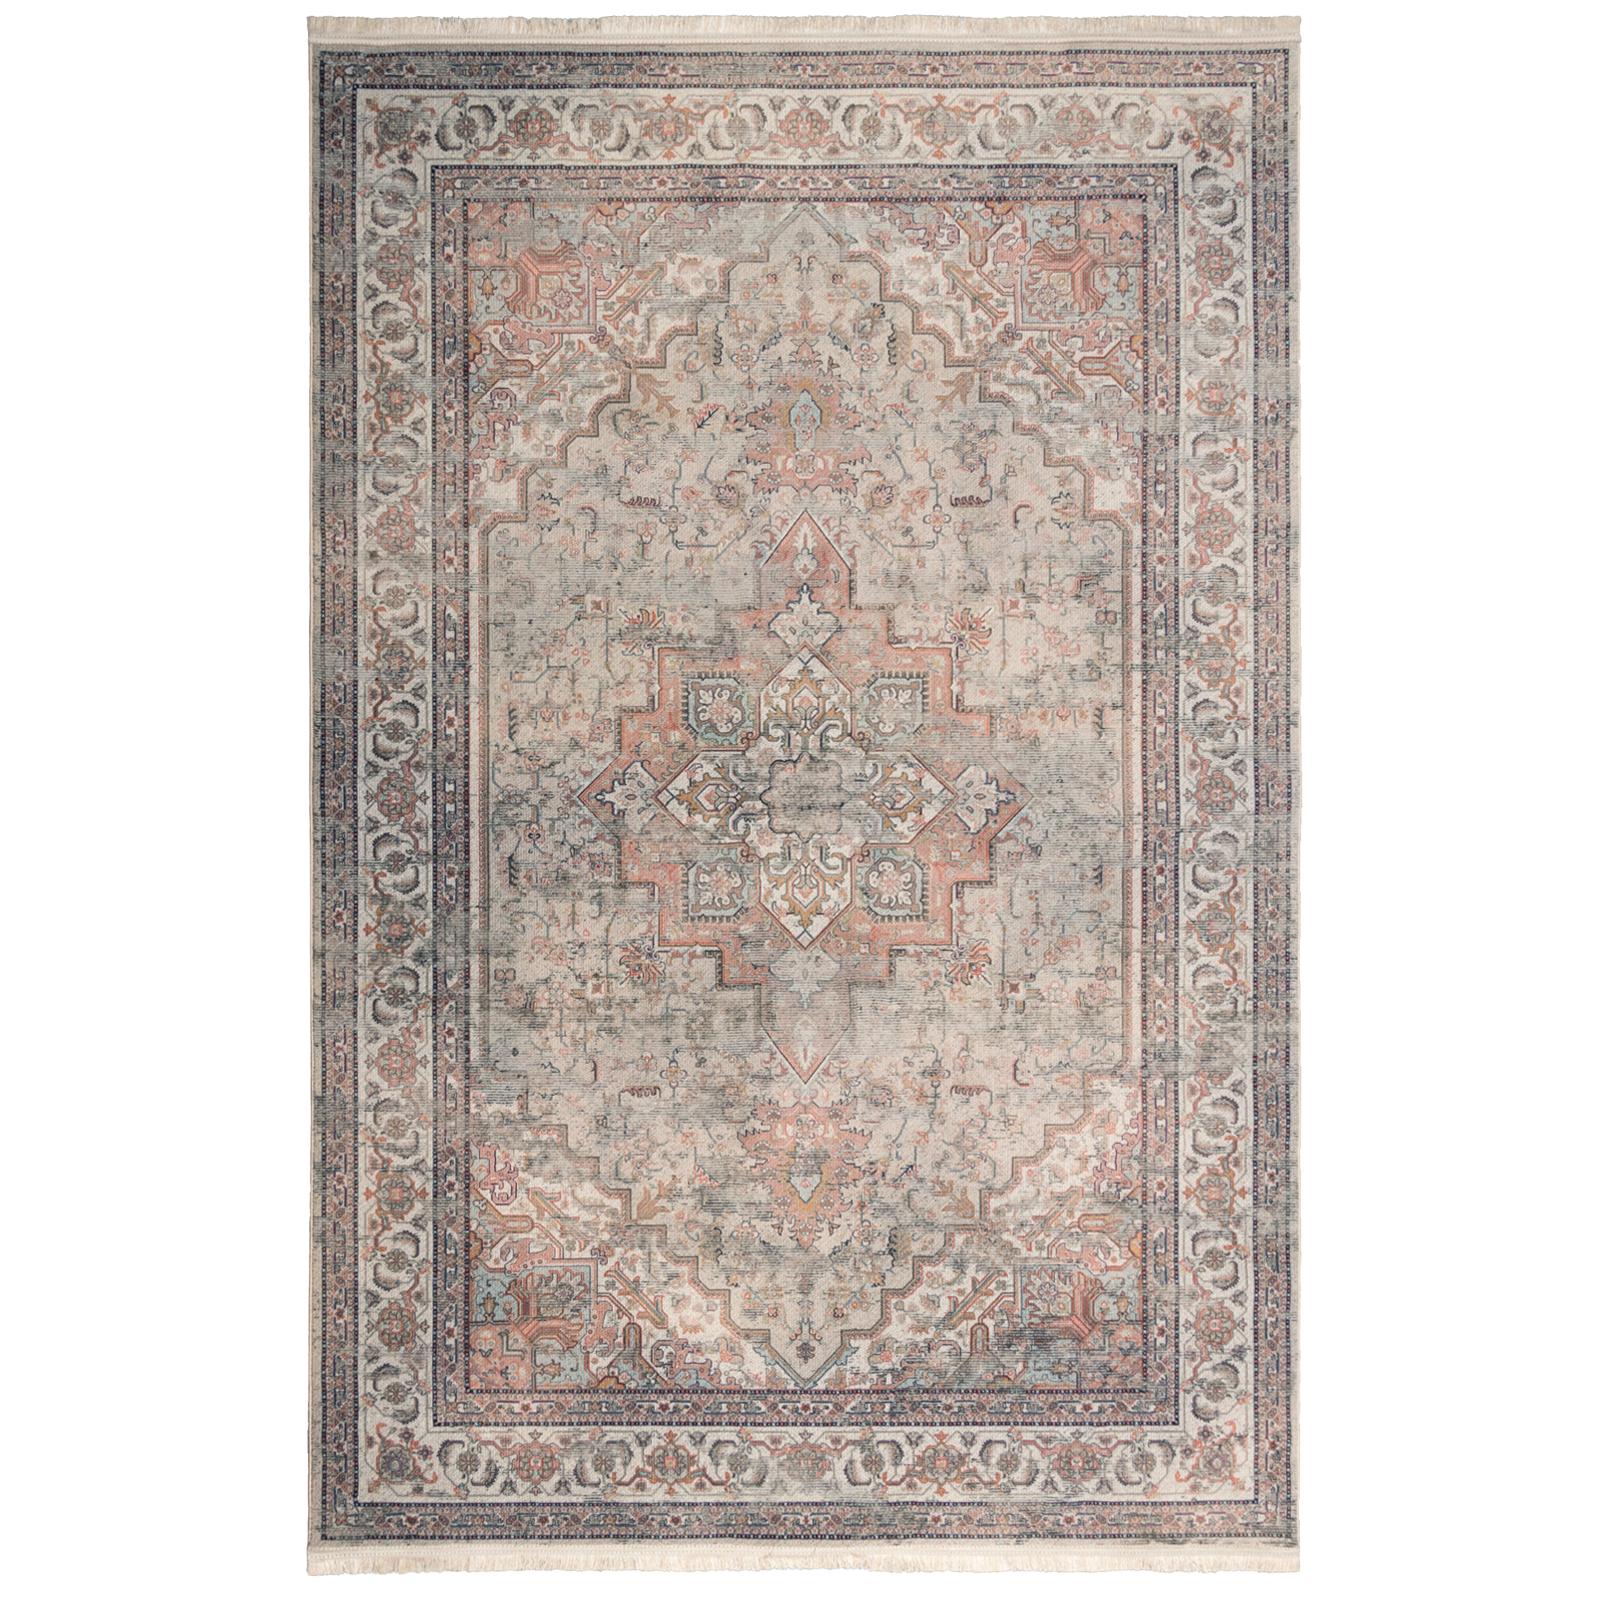 فرش ماشینی محتشم طرح کهنه نما کد 100625 زمینه بادامی